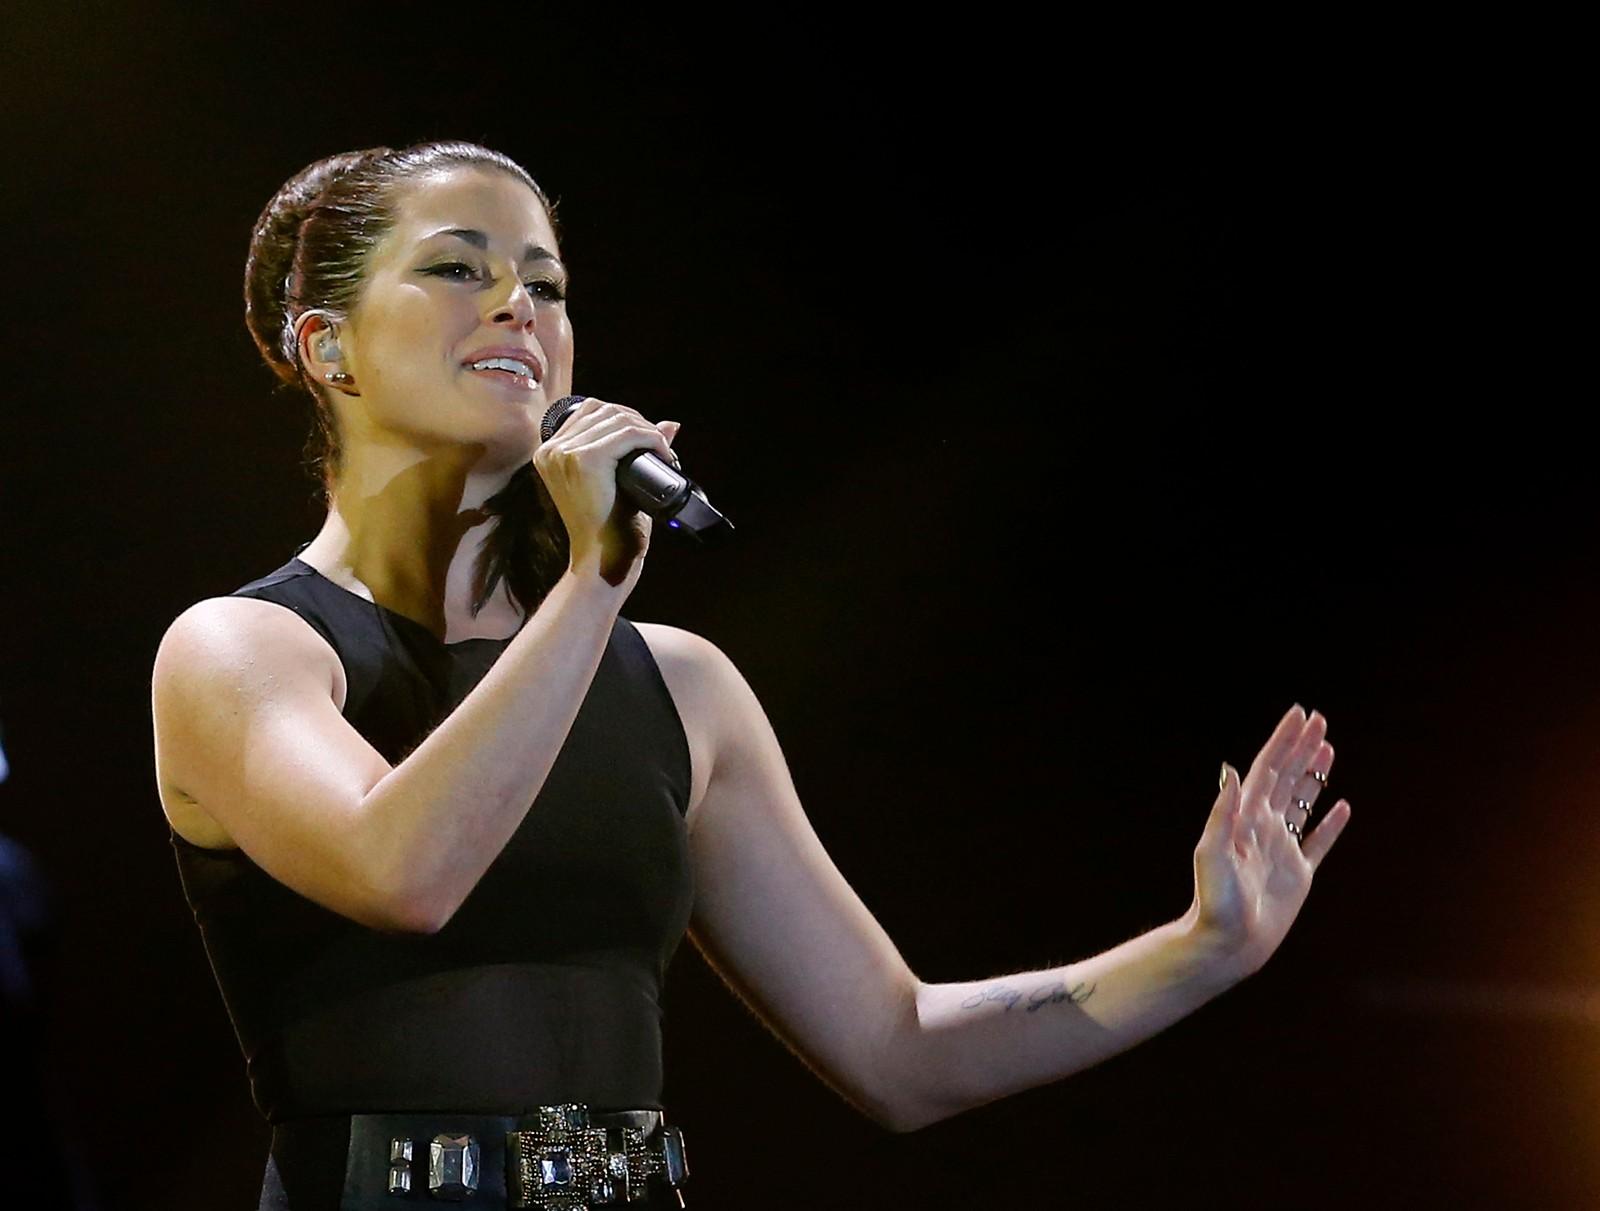 17. TYSKLAND: 24 år gamle Ann Sophie kom egentlig på andreplass under den tyske finalen, men da tildigere The Voice-vinner Andreas Kümmert trakk seg, ble hun med videre med låta «Black Smoke».